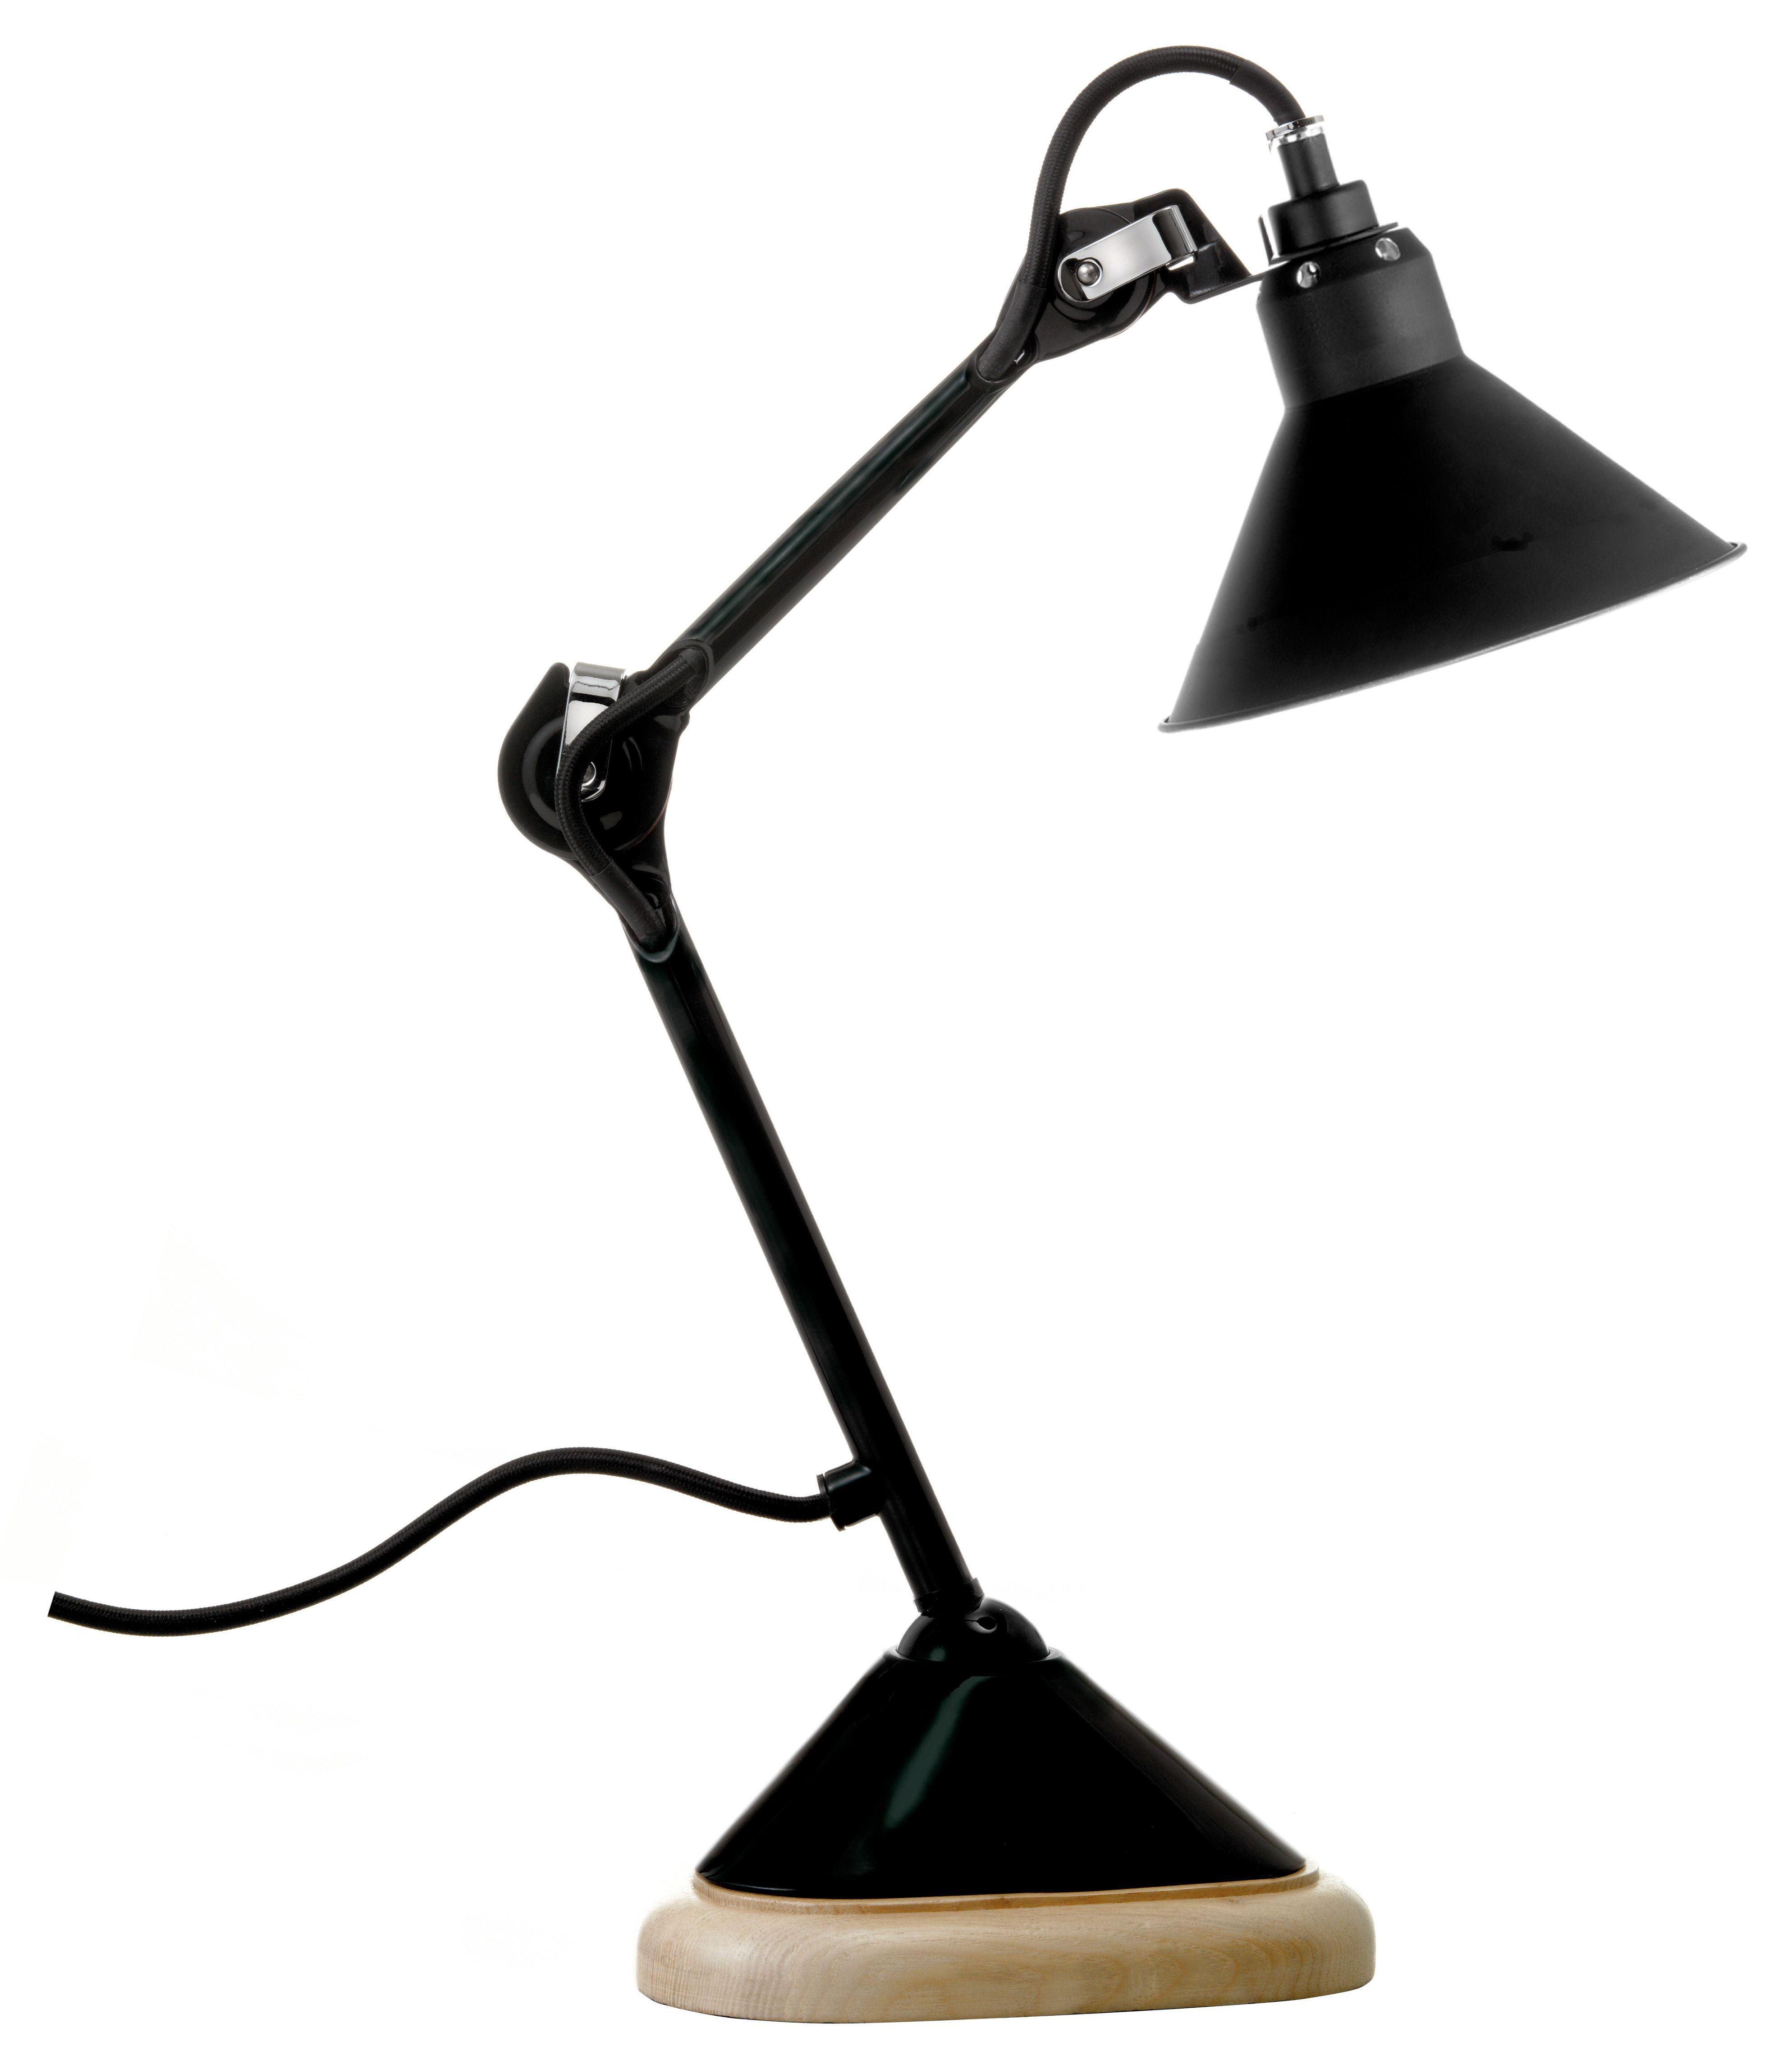 idée cadeau 3] Lampe de bureau Industry avec bras articulé